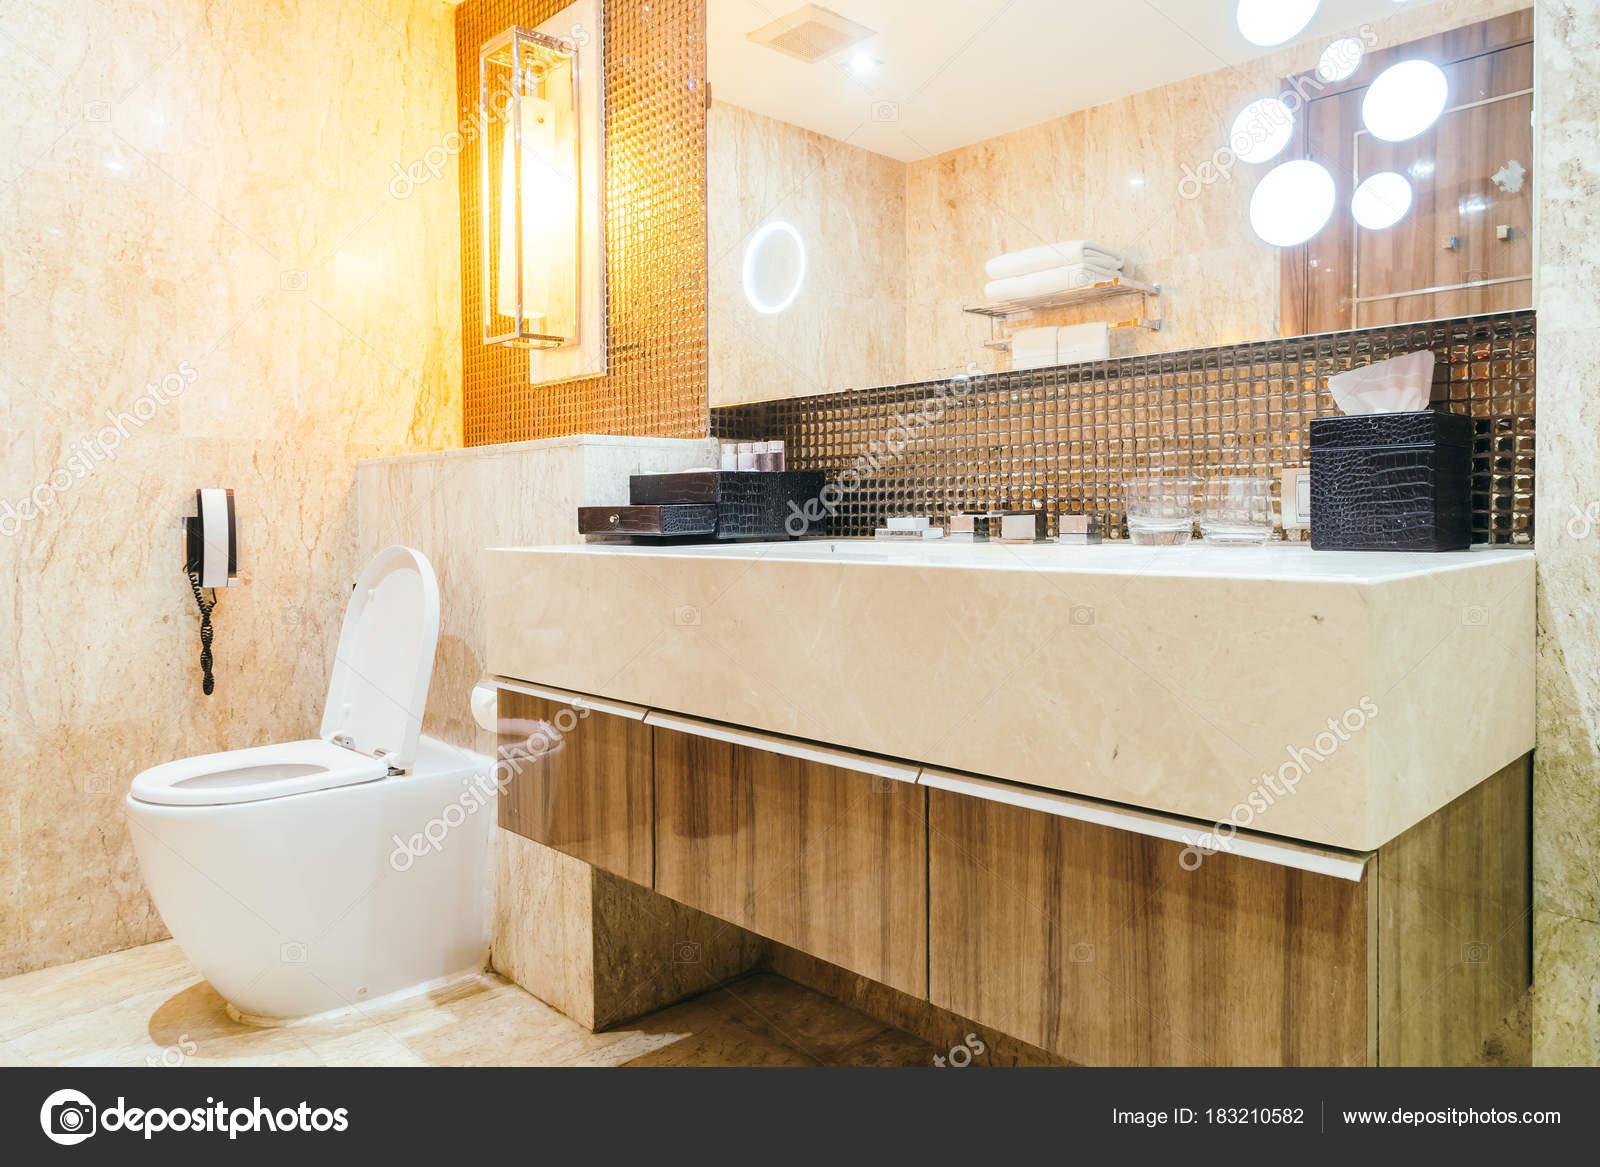 Wasserhahn Und Spüle Dekoration Badezimmer Interieur — Stockfoto ...